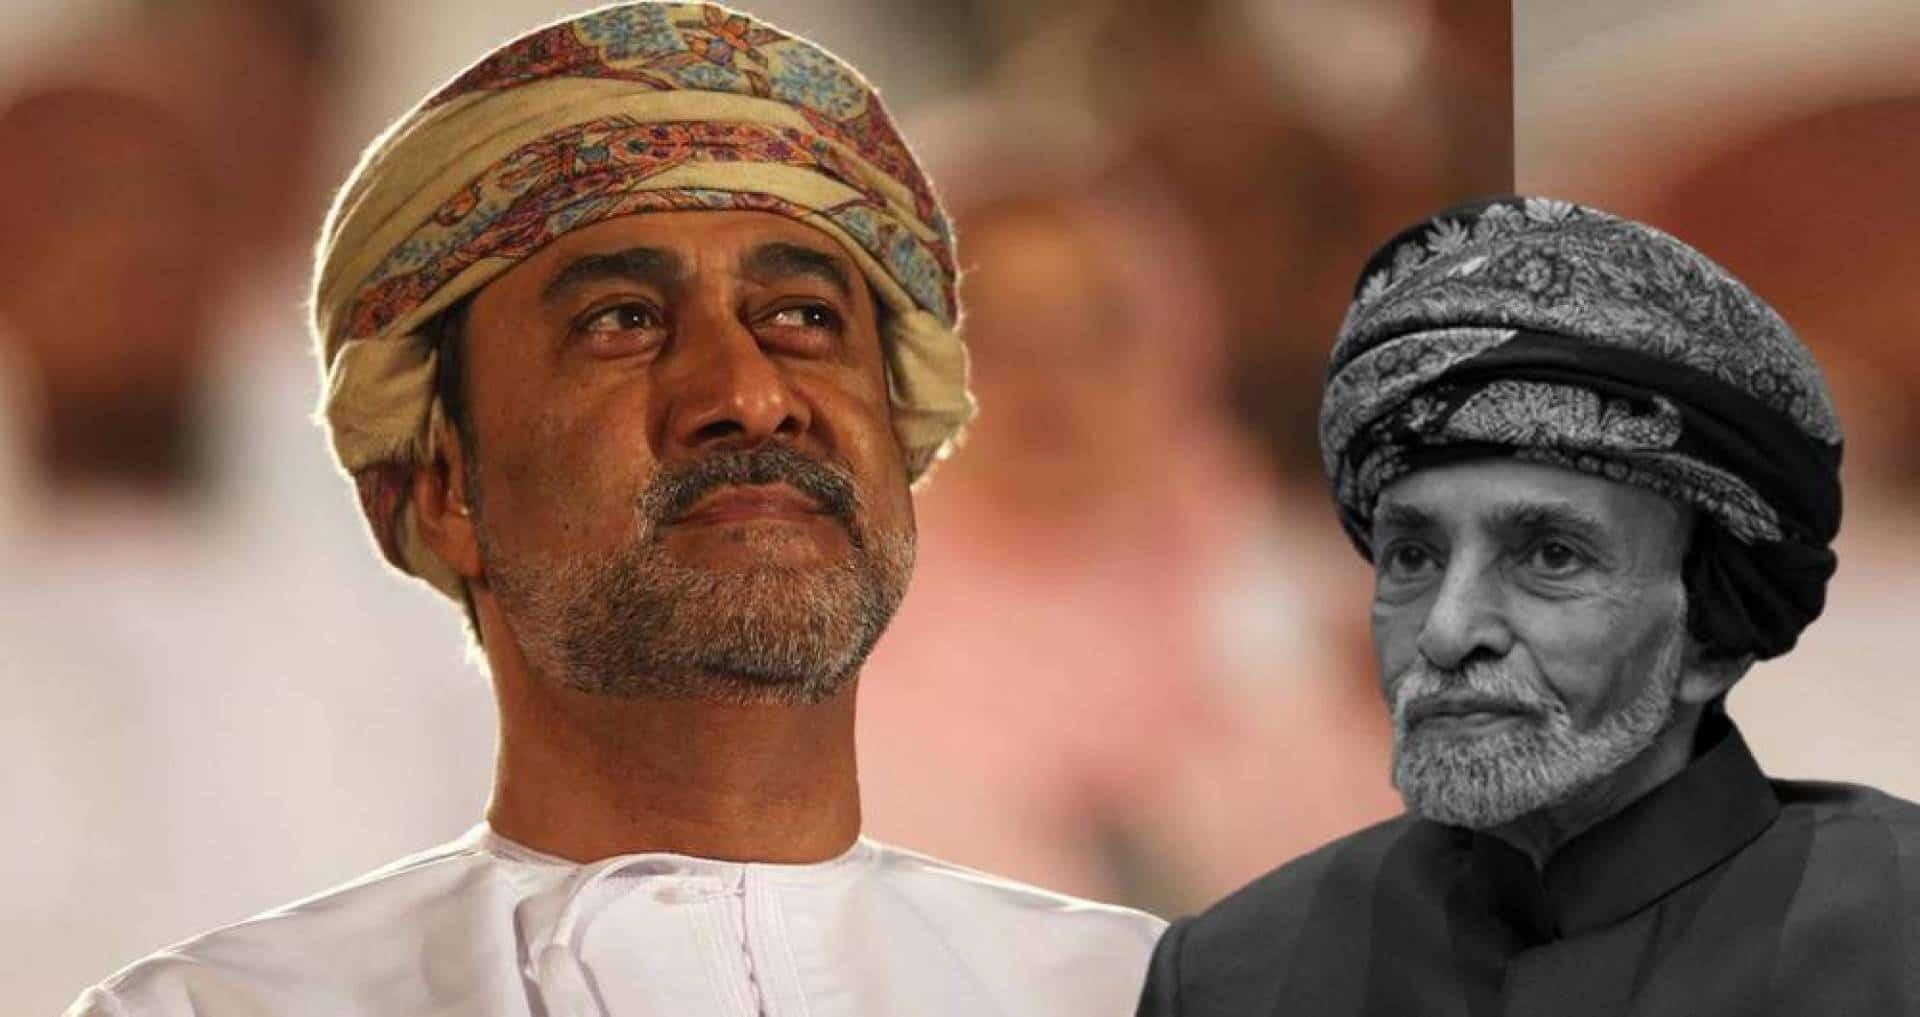 لماذا أمر السلطان العماني بتعديل النشيد الوطني؟ -          بوابة الشروق